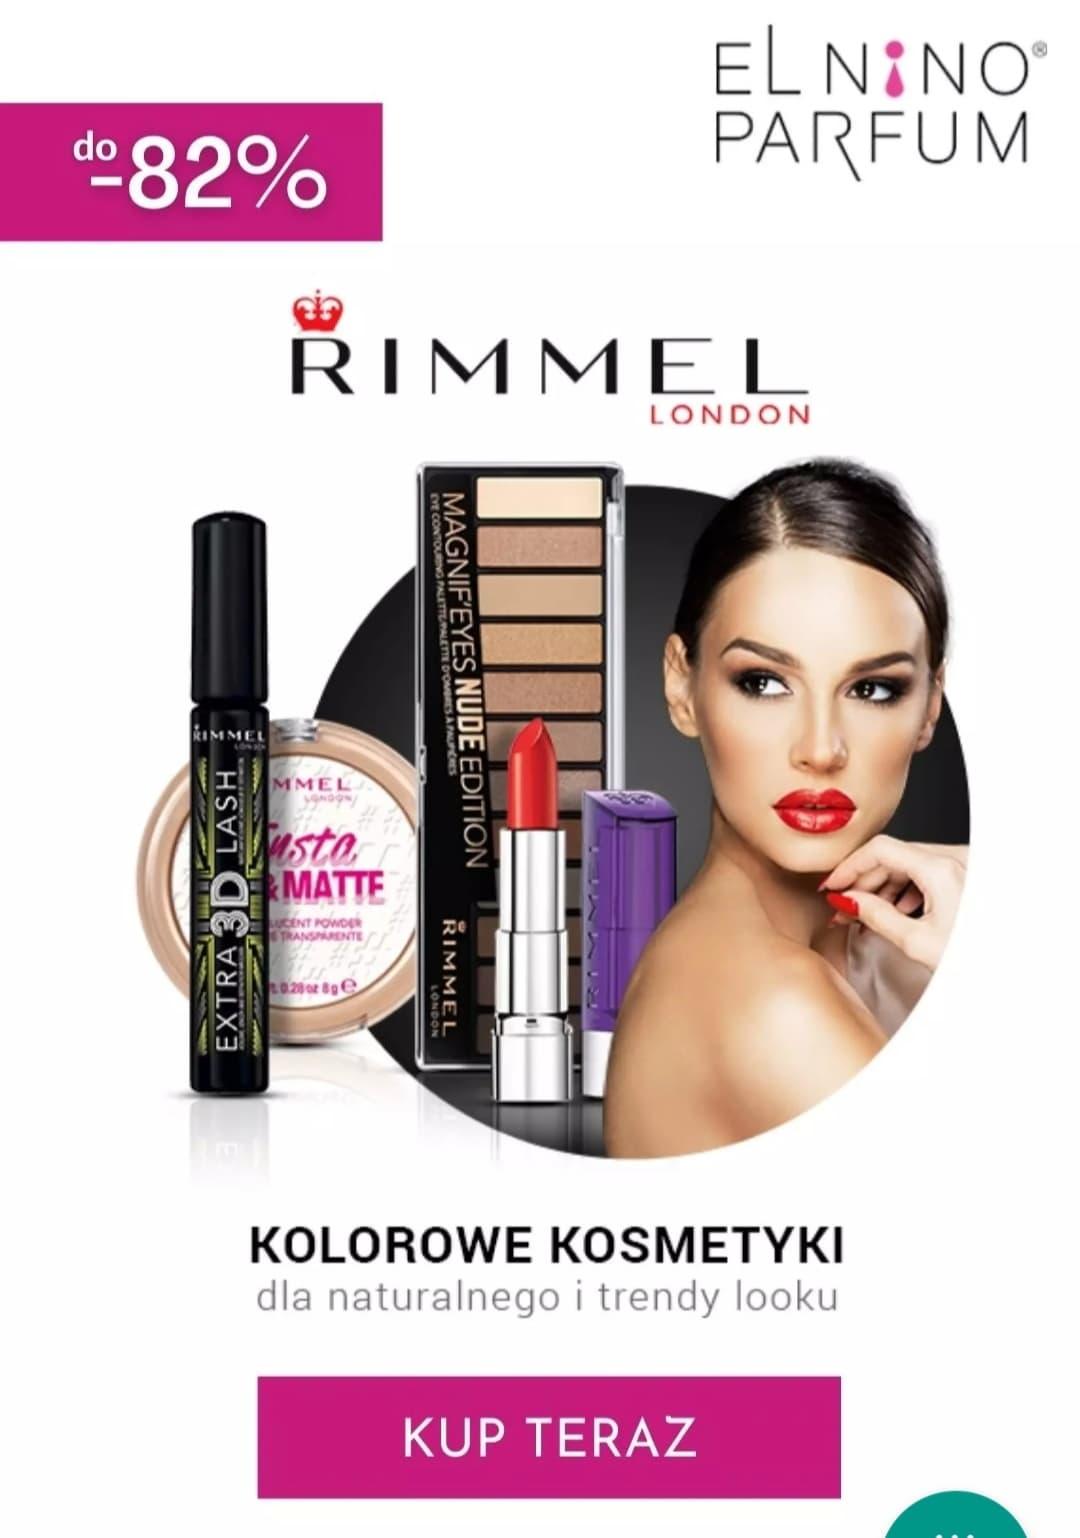 Do -82% przeceny na kosmetyki marki Rimmel London - Elnino-parfum